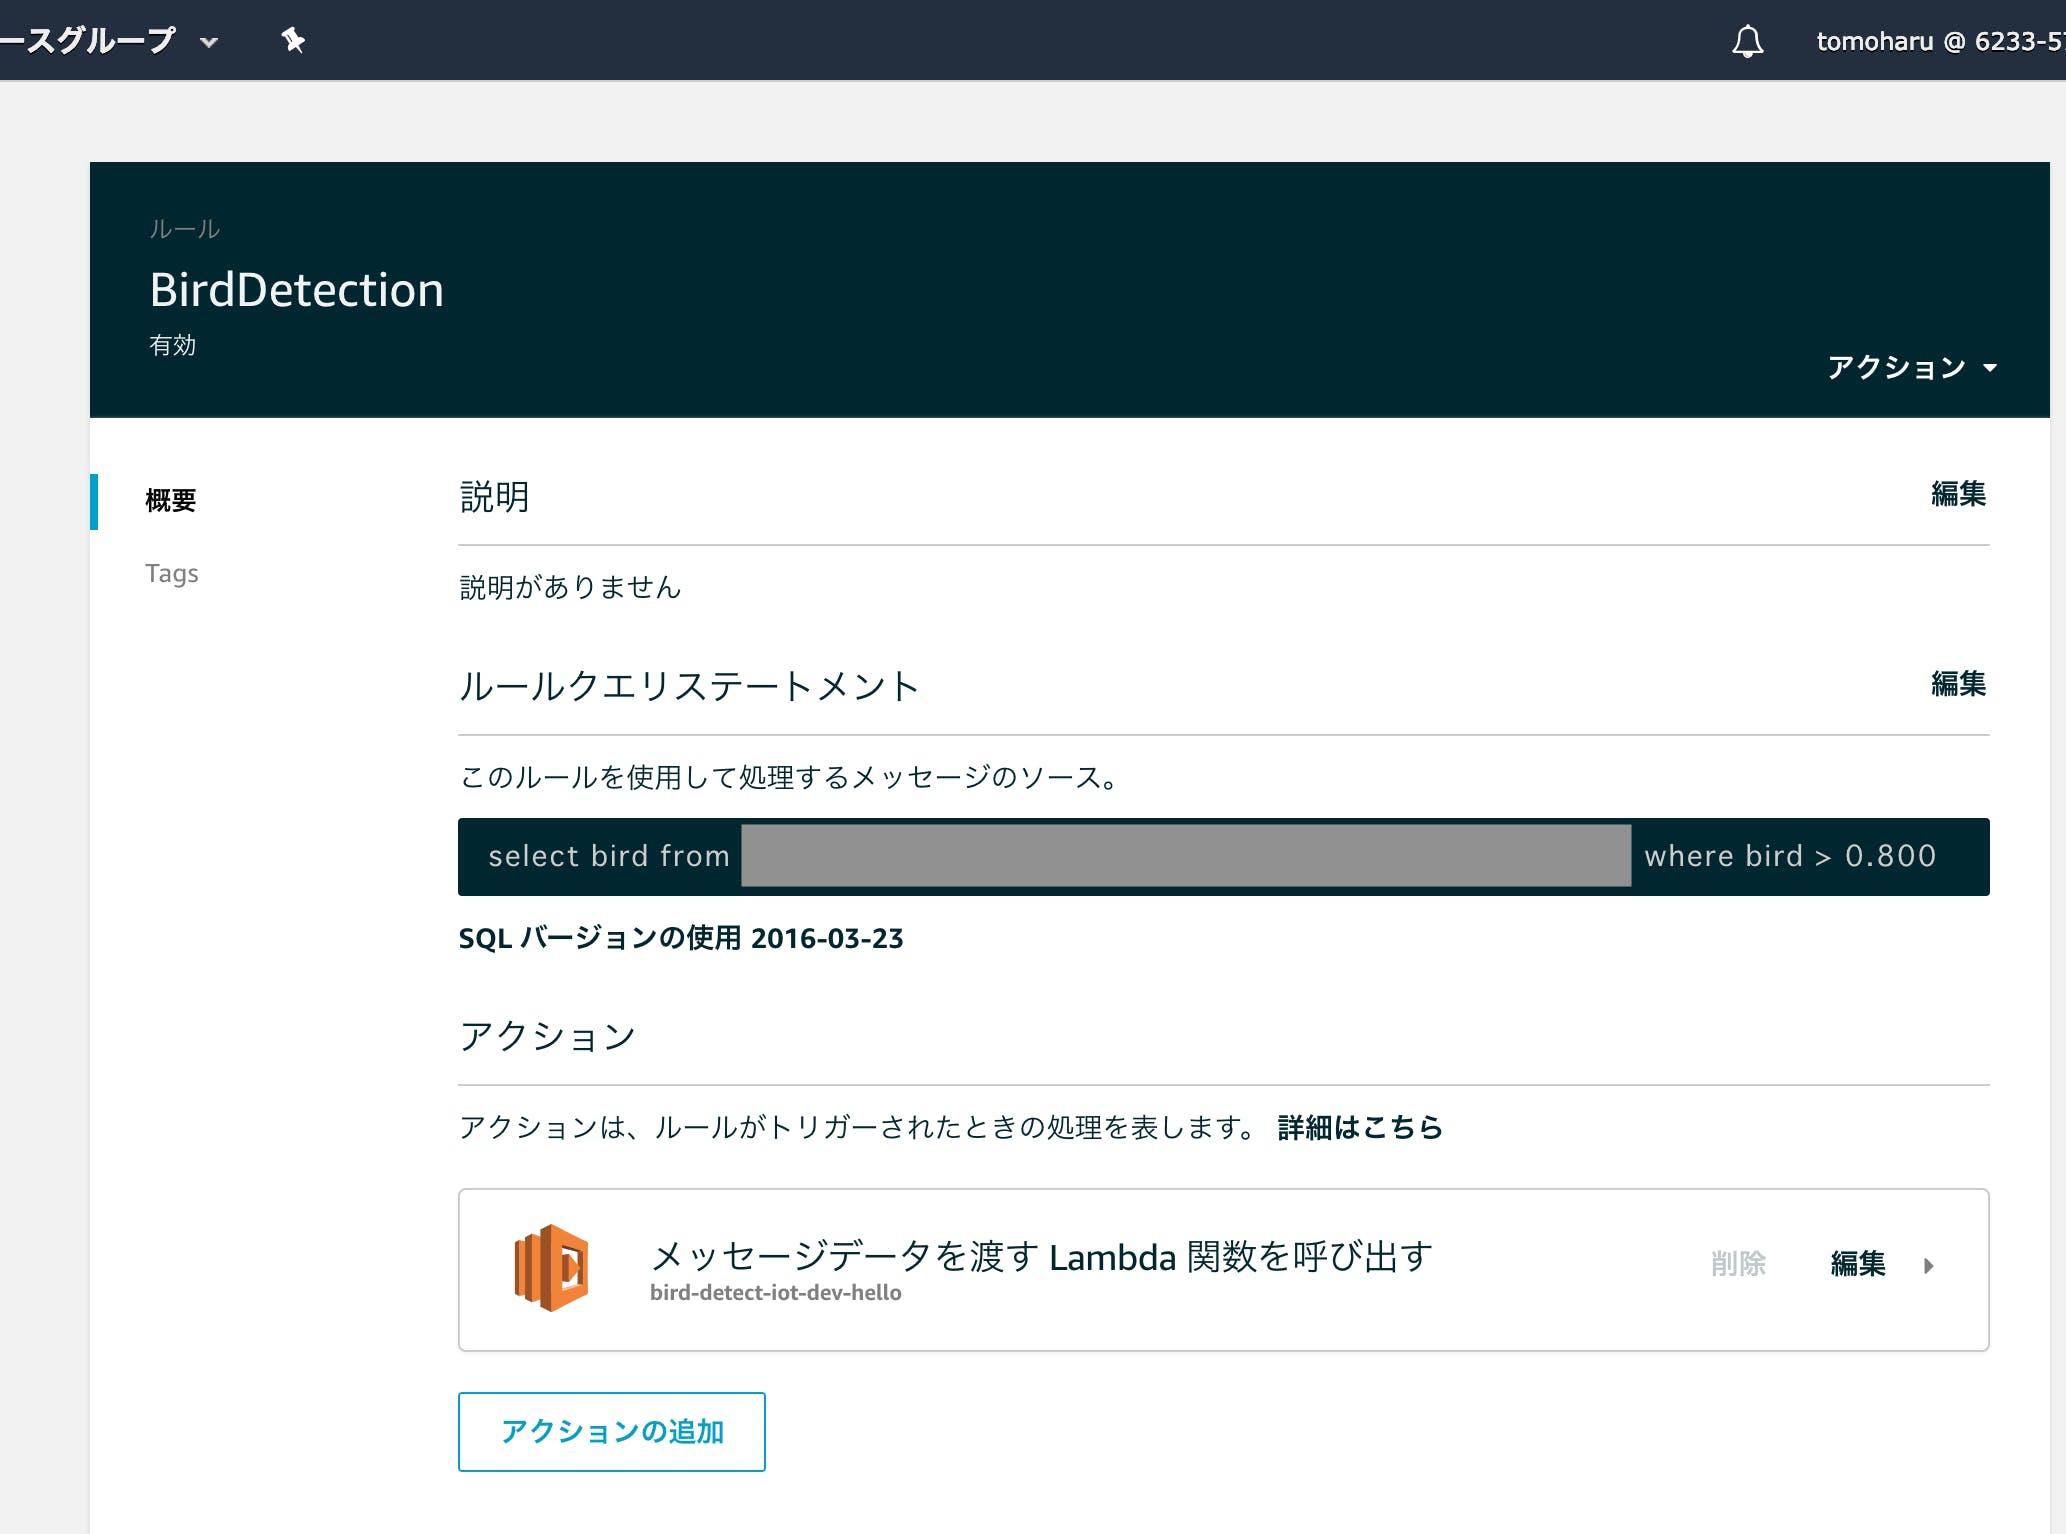 スクリーンショット 2019-03-05 10.38.01.png